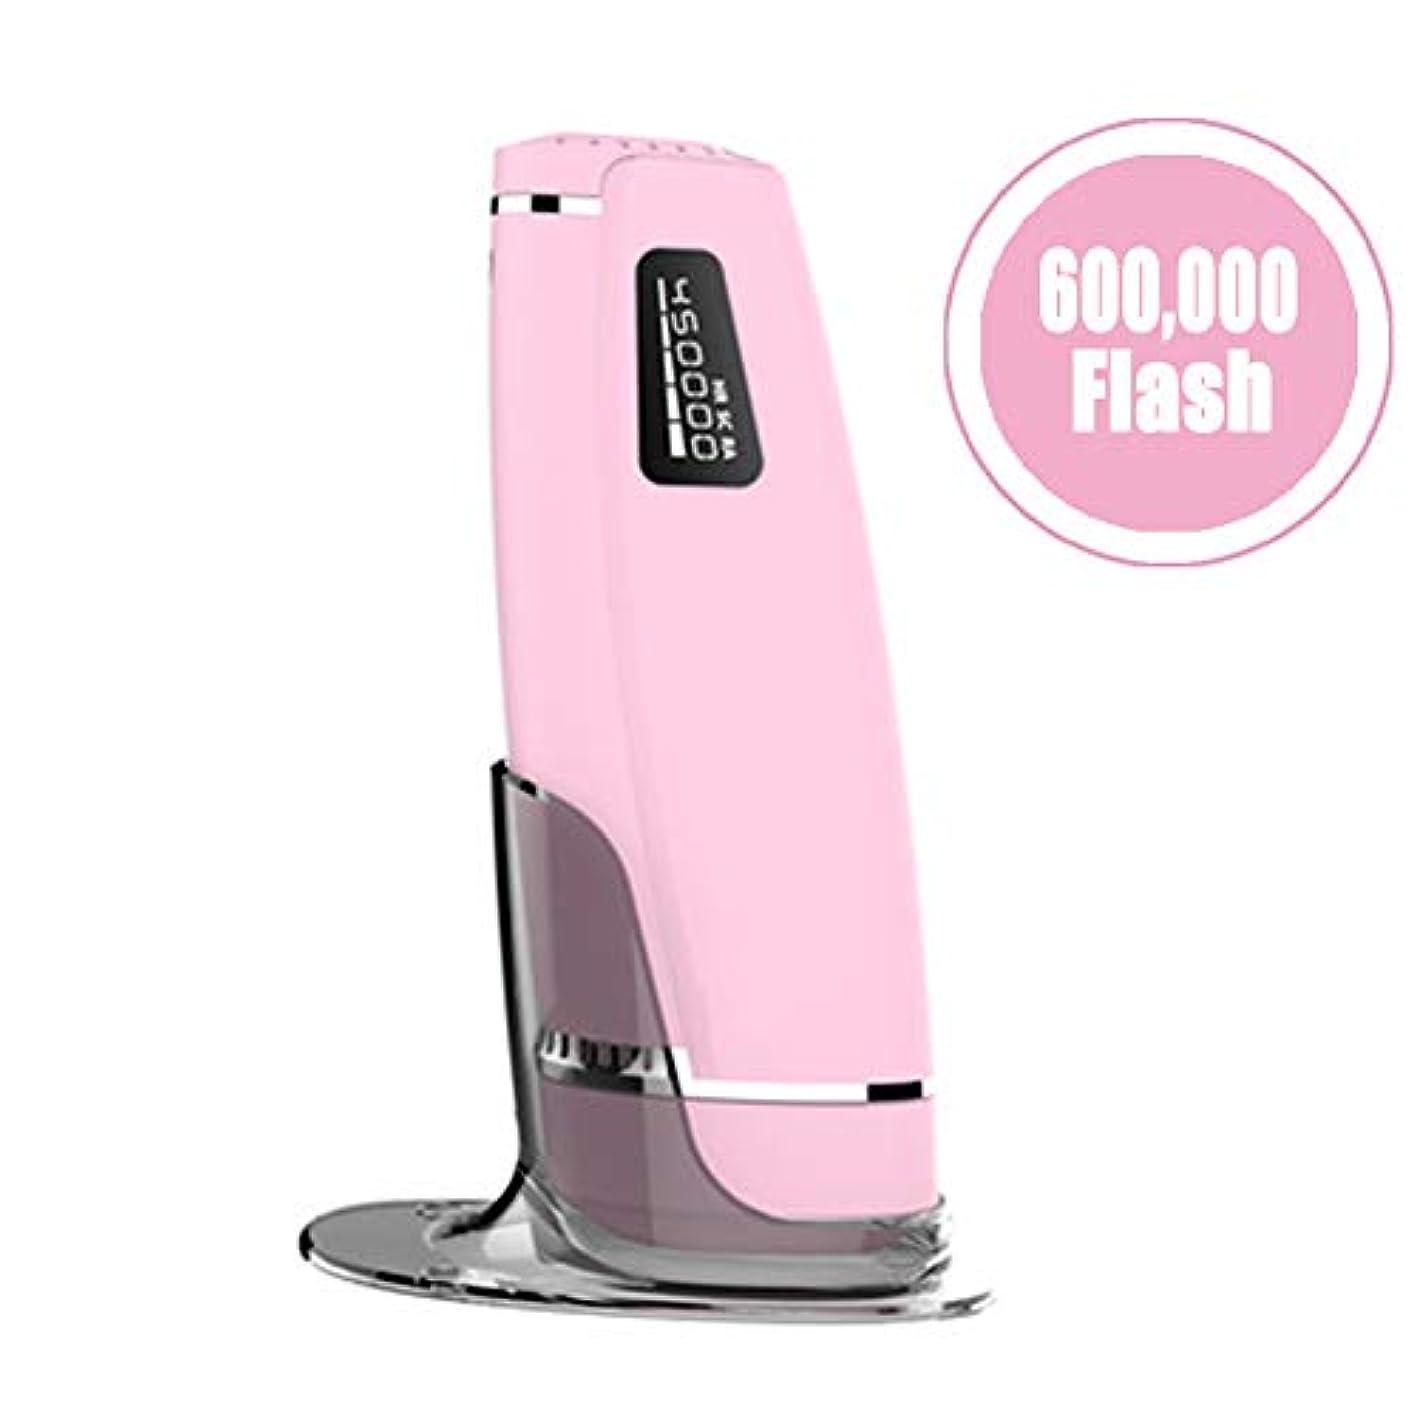 タービンたらい立方体アップグレードIPLレーザー脱毛システムデバイス、60万回のフラッシュ無痛常設パルス光脱毛器にとってボディフェイス脇の下ビキニライン,Pink